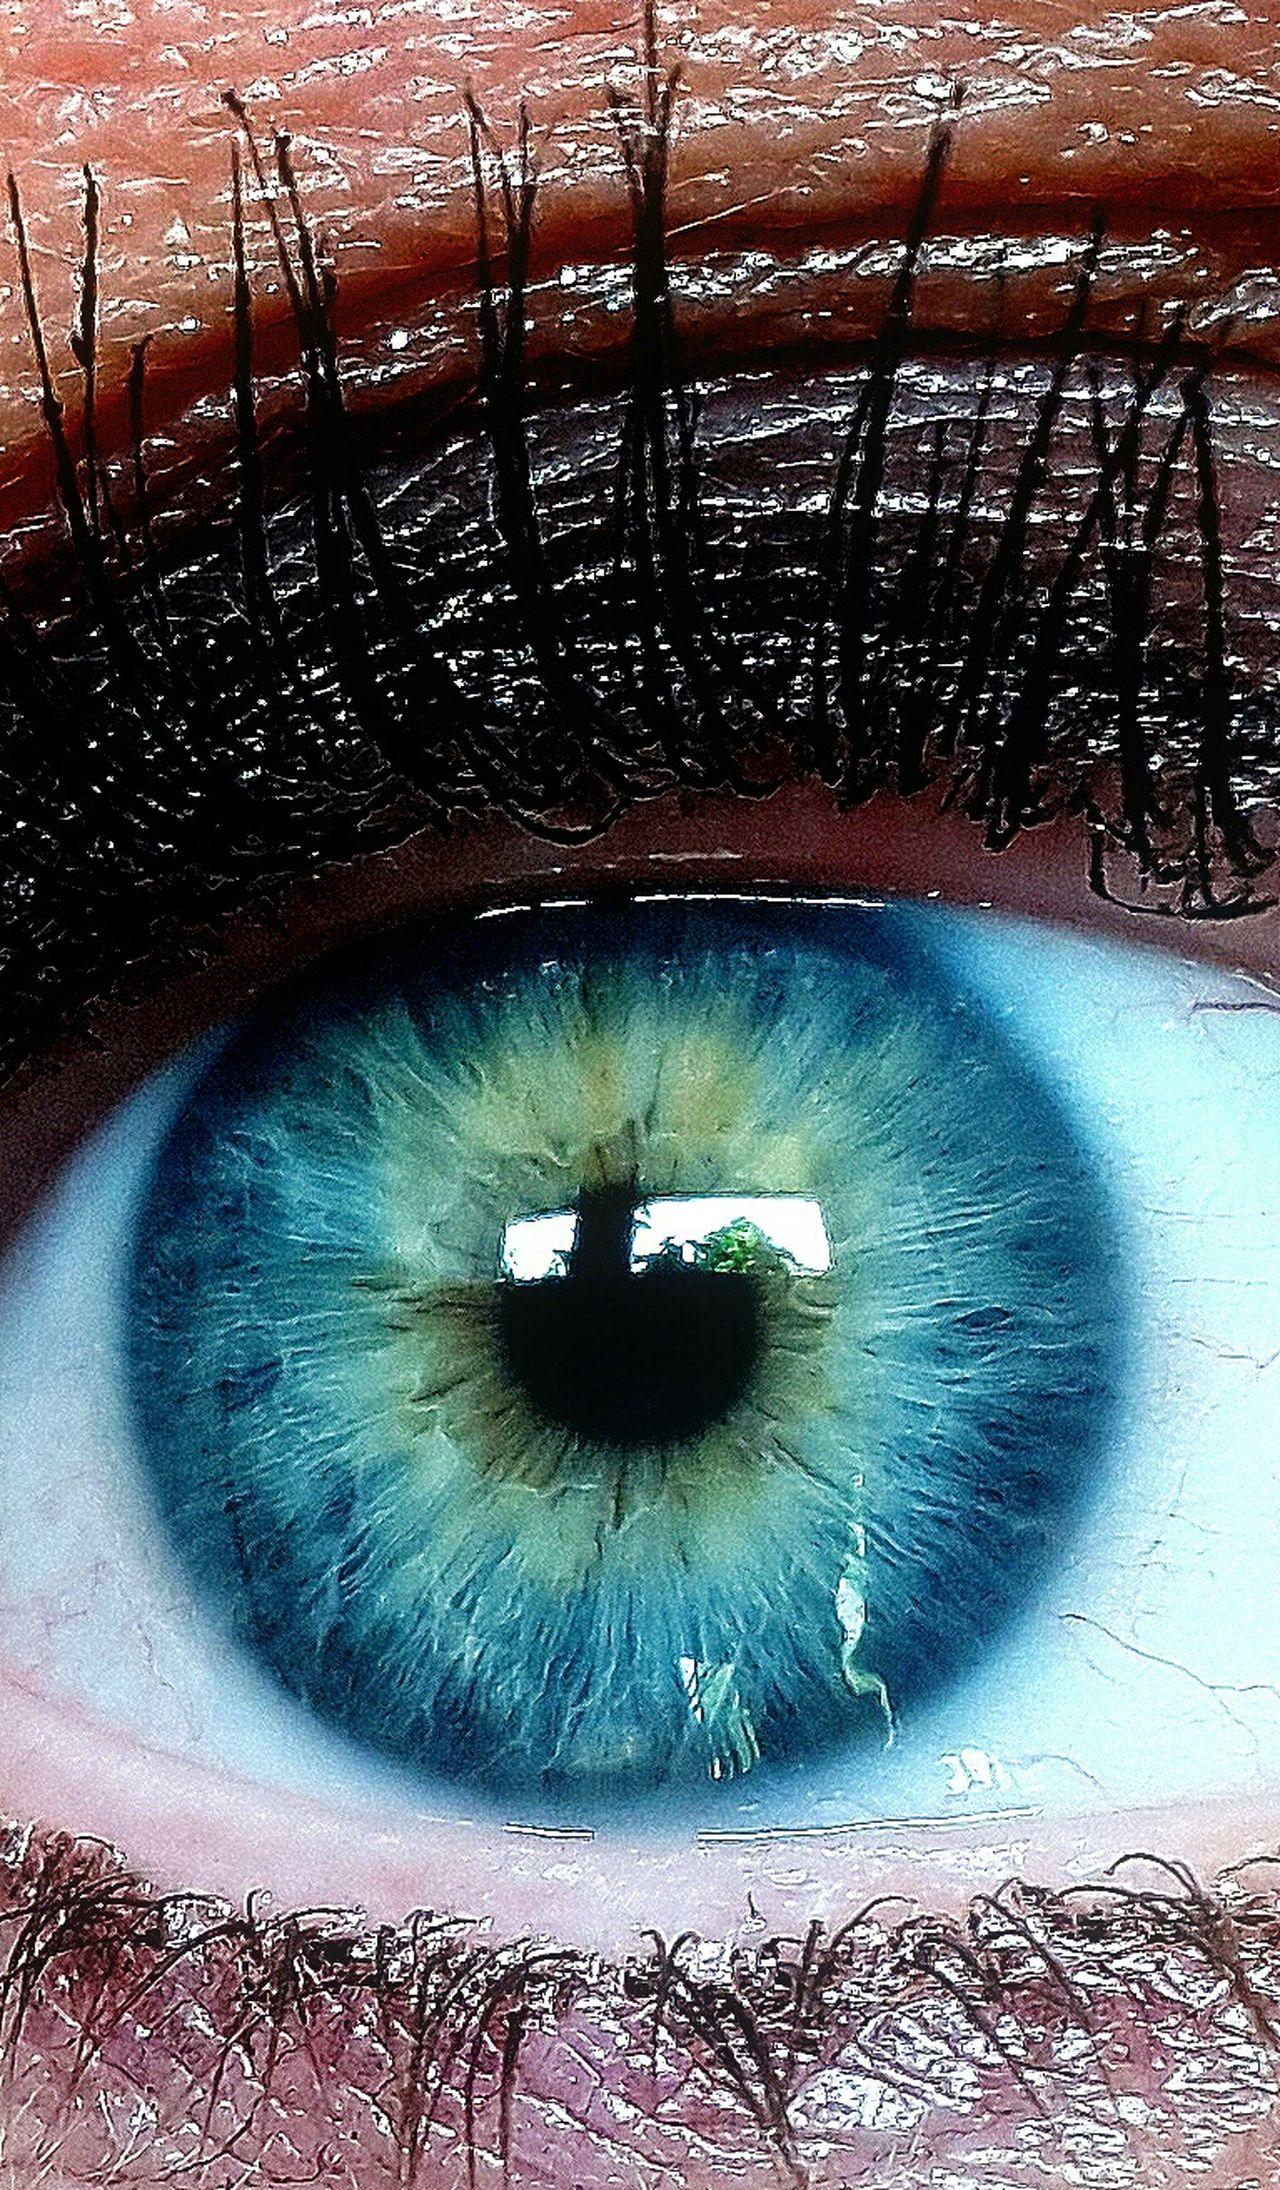 Eyes Taking Photos Closeupshot Closeup Close Up Macrophotography Macroclique Beautiful Eyes